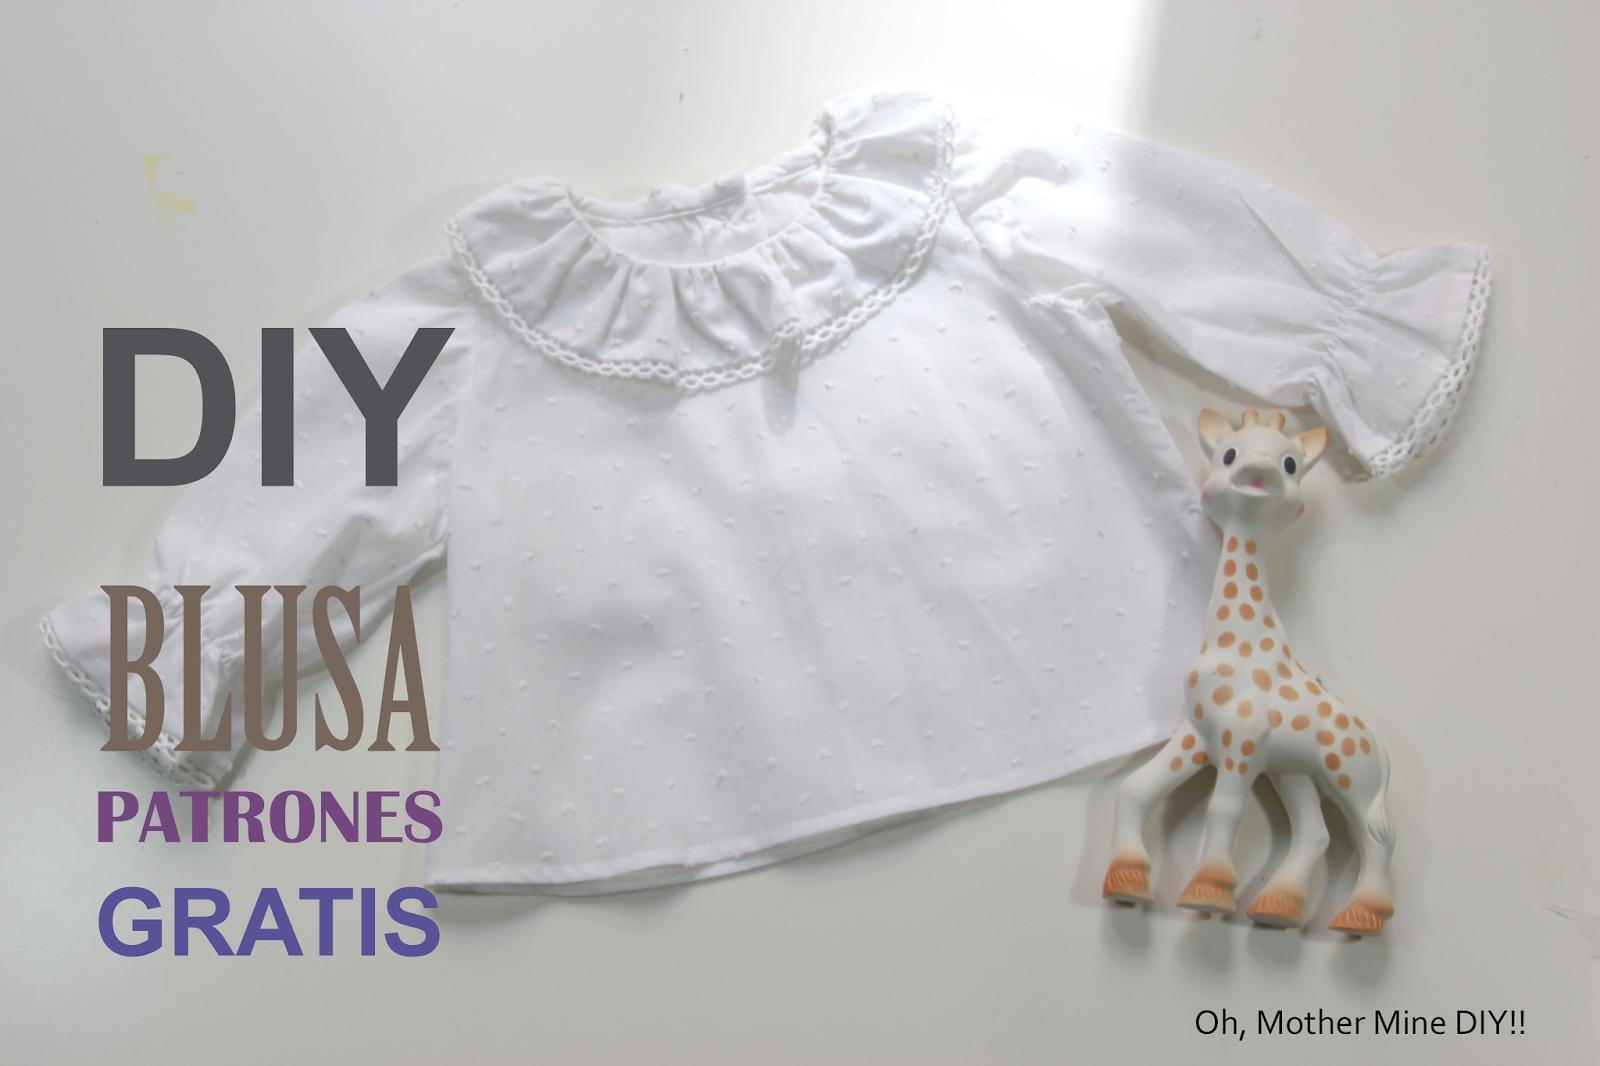 DIY Como hacer blusa para bebe (patrones gratis) - HANDBOX